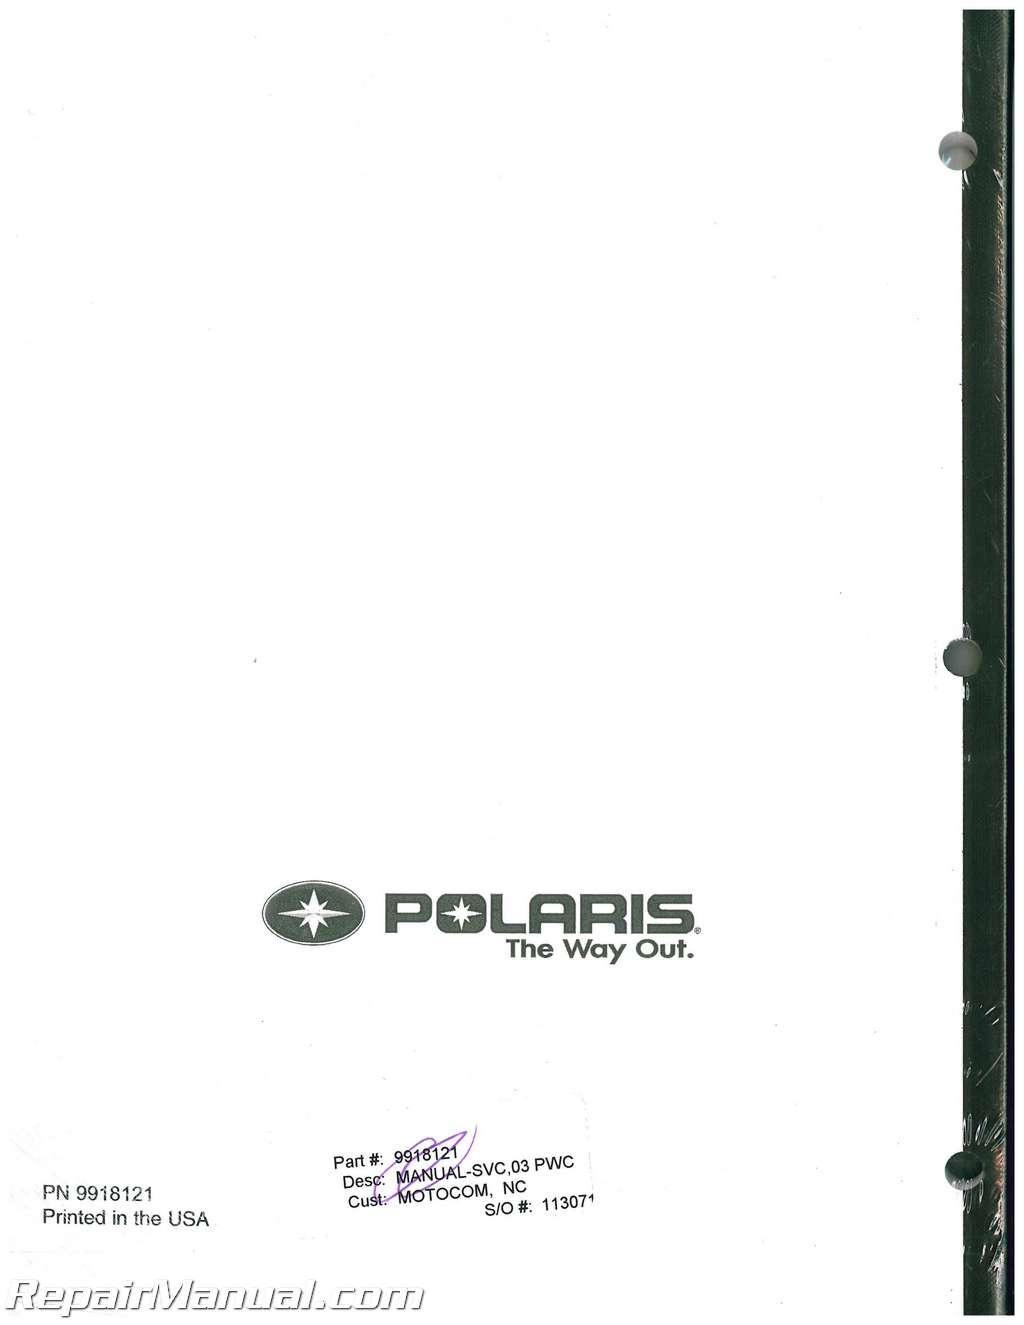 2003 polaris msx 140 service manual rh repairmanual com 2003 Polaris MSX 140 Specifications polaris msx 140 ho service manual